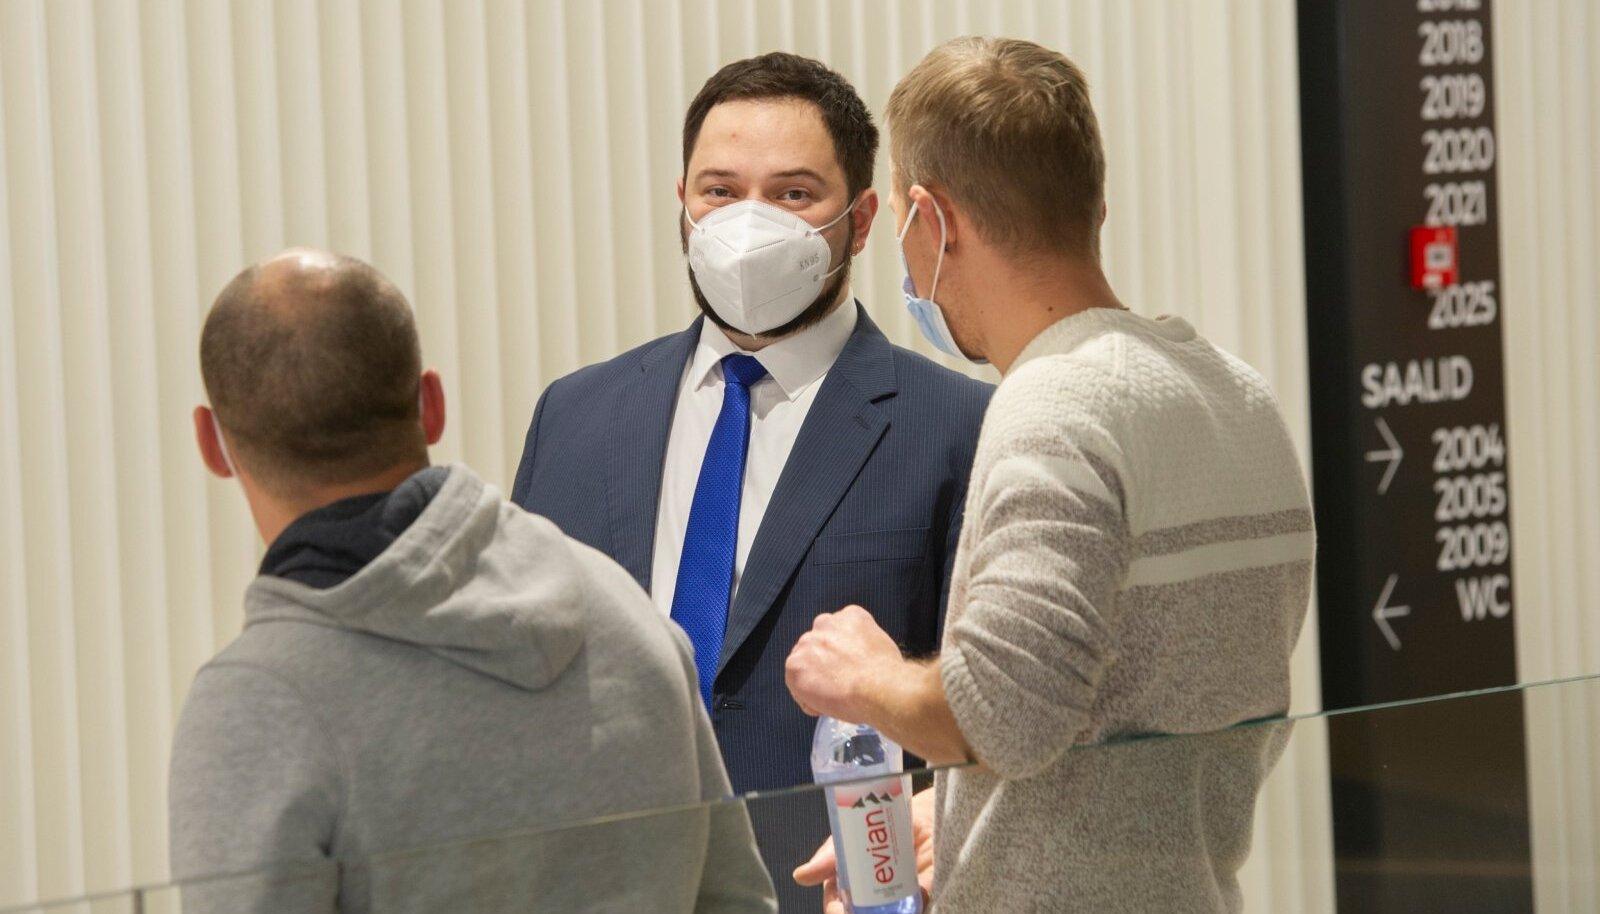 MEIE POLE KINDLASTI SÜÜDI: Advokaat Yaroslav Radziwill (keskel) koos kohtualuste töömeeste Jevgeni ja Ruslaniga Harju maakohtus 4. detsembril.